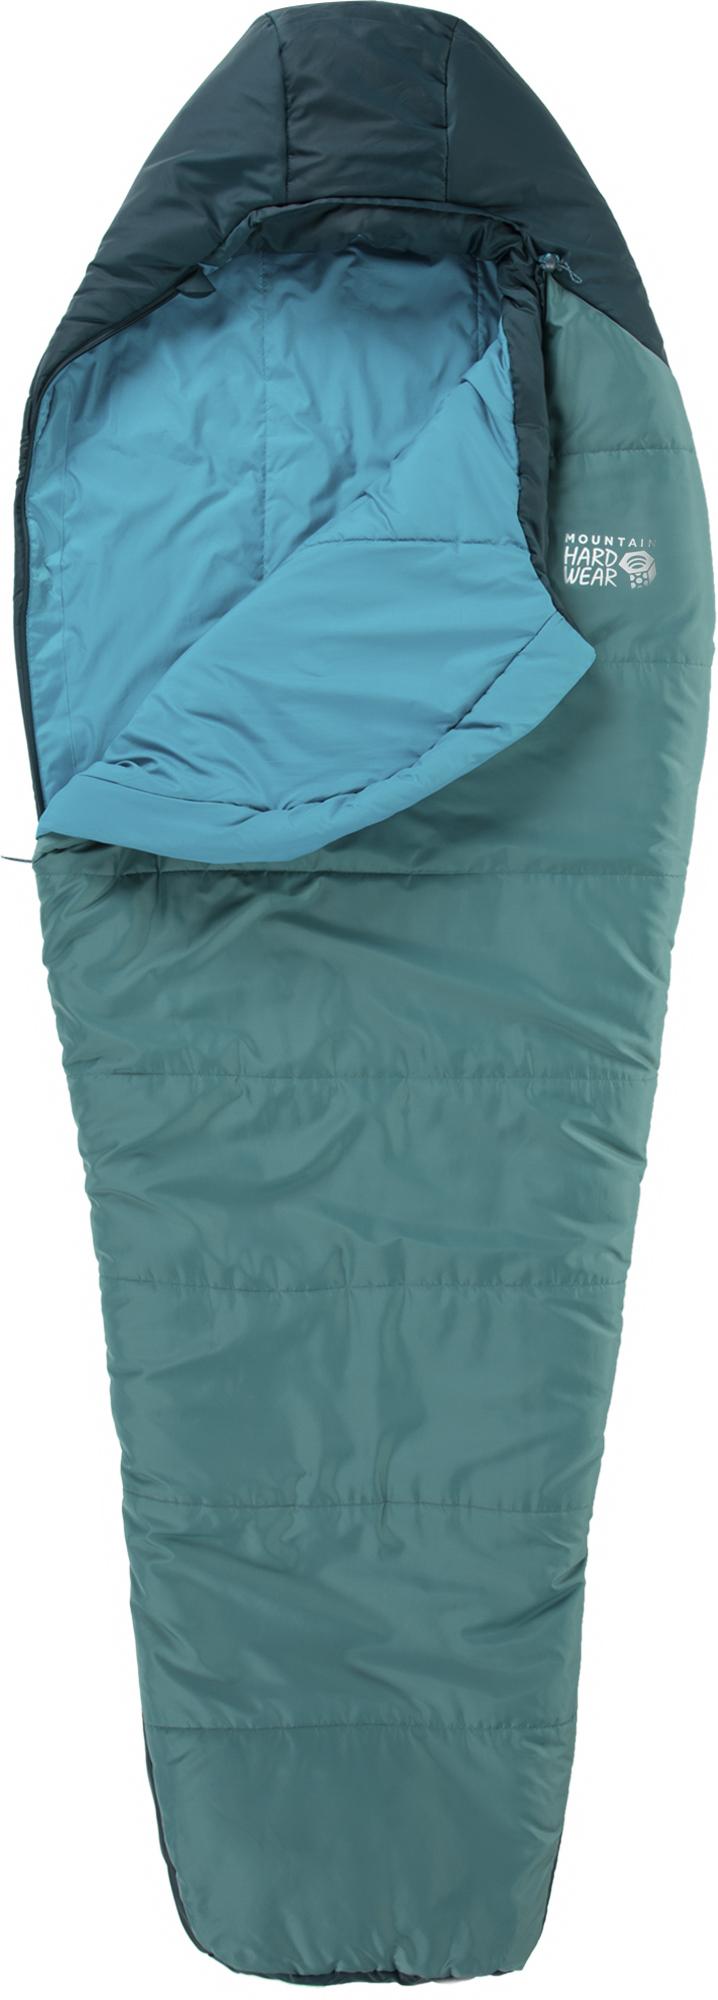 Mountain Hardwear Спальный мешок Mountain Hardwear Bozeman Long -3 правосторонний спальный мешок atemi dream